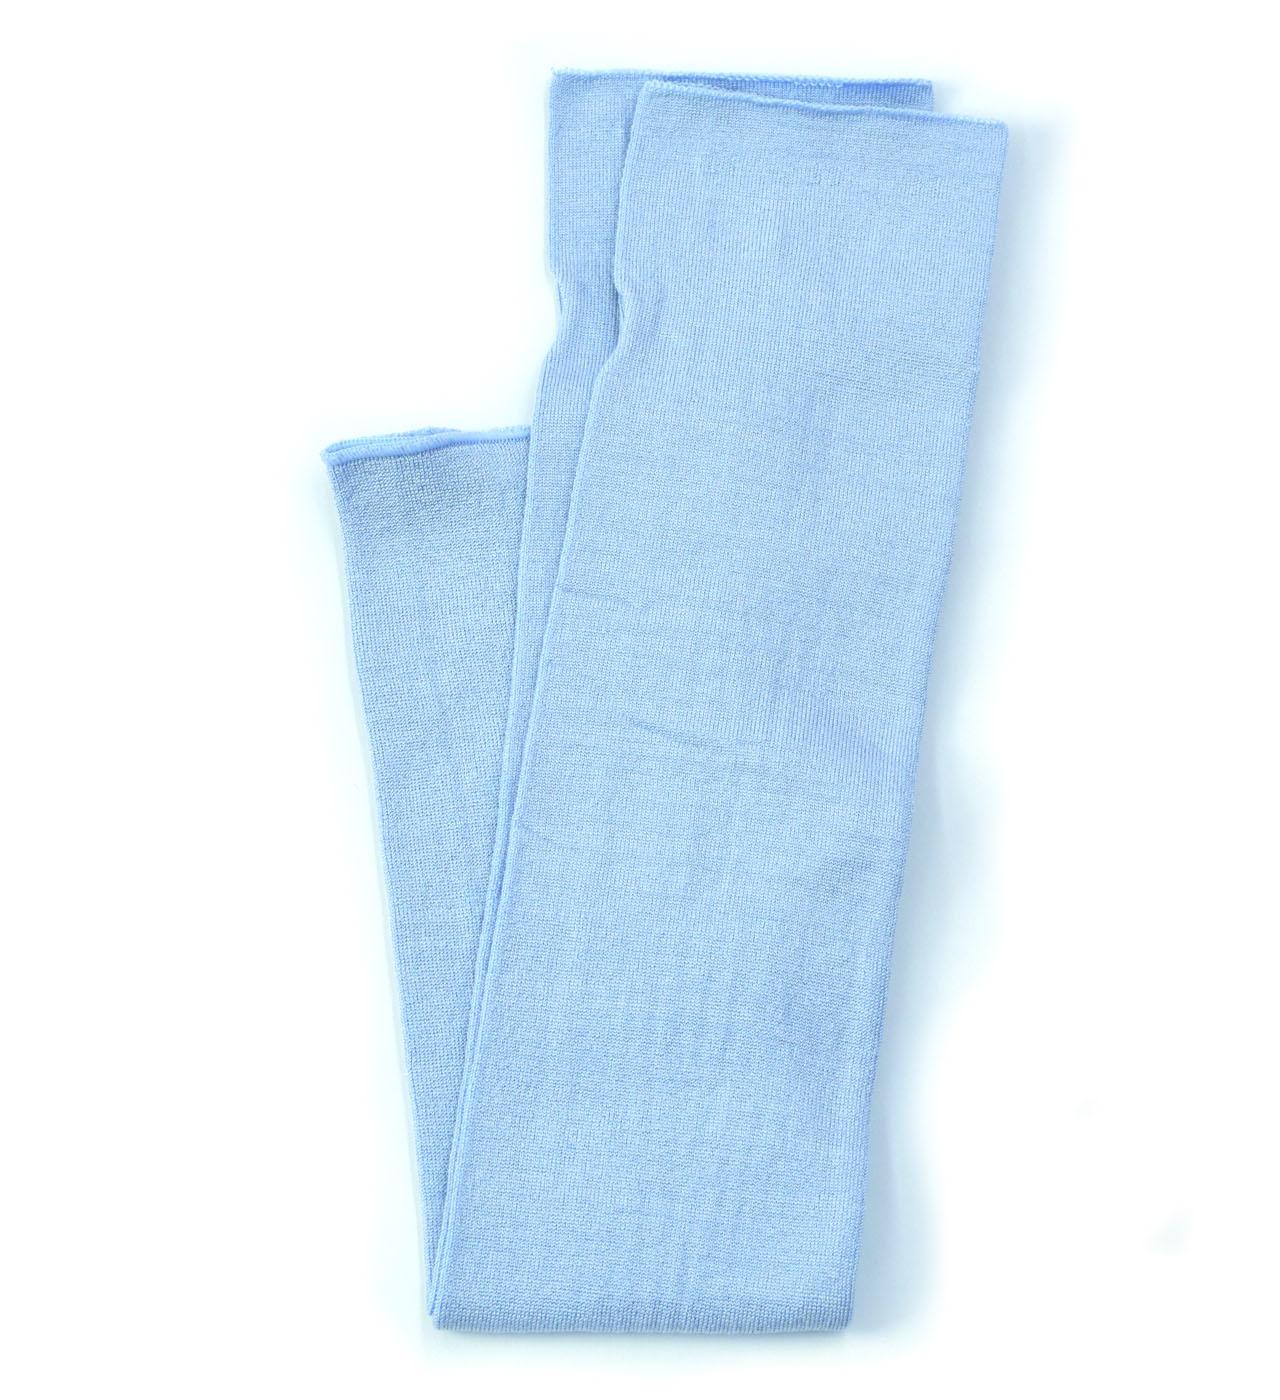 シルク糸でつくったニットアームカバー/ブルー